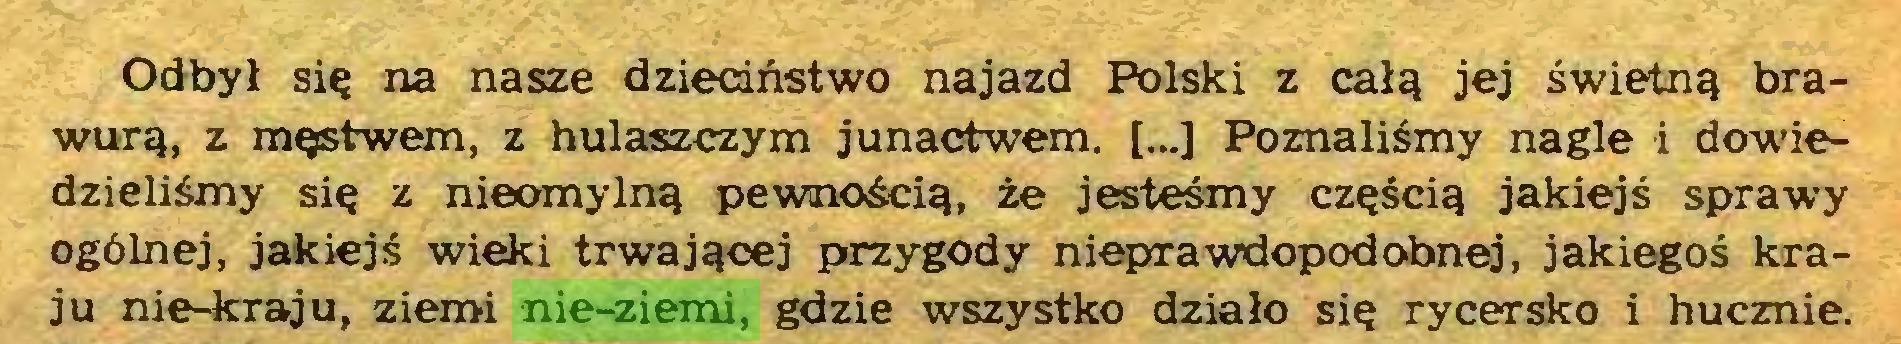 (...) Odbył się na nasze dzieciństwo najazd Polski z całą jej świetną brawurą, z męstwem, z hulaszczym junactwem. [...] Poznaliśmy nagle i dowiedzieliśmy się z nieomylną pewnością, że jesteśmy częścią jakiejś sprawy ogólnej, jakiejś wieki trwającej przygody nieprawdopodobnej, jakiegoś kraju nie-kraju, ziemi nie-ziemi, gdzie wszystko działo się rycersko i hucznie...